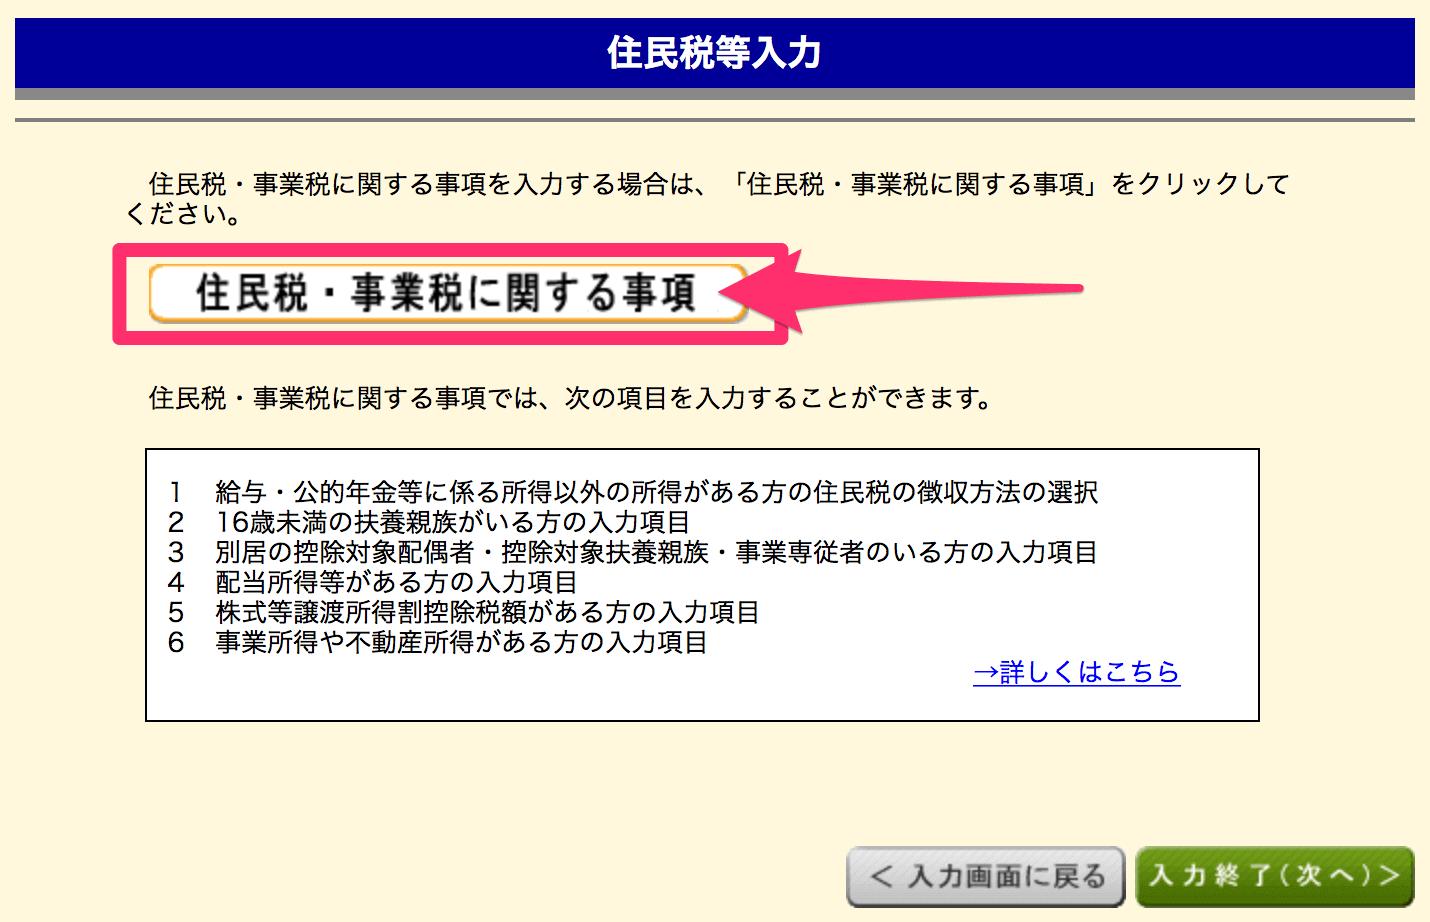 「住民税・事業税に関する事項」のボタンをクリック